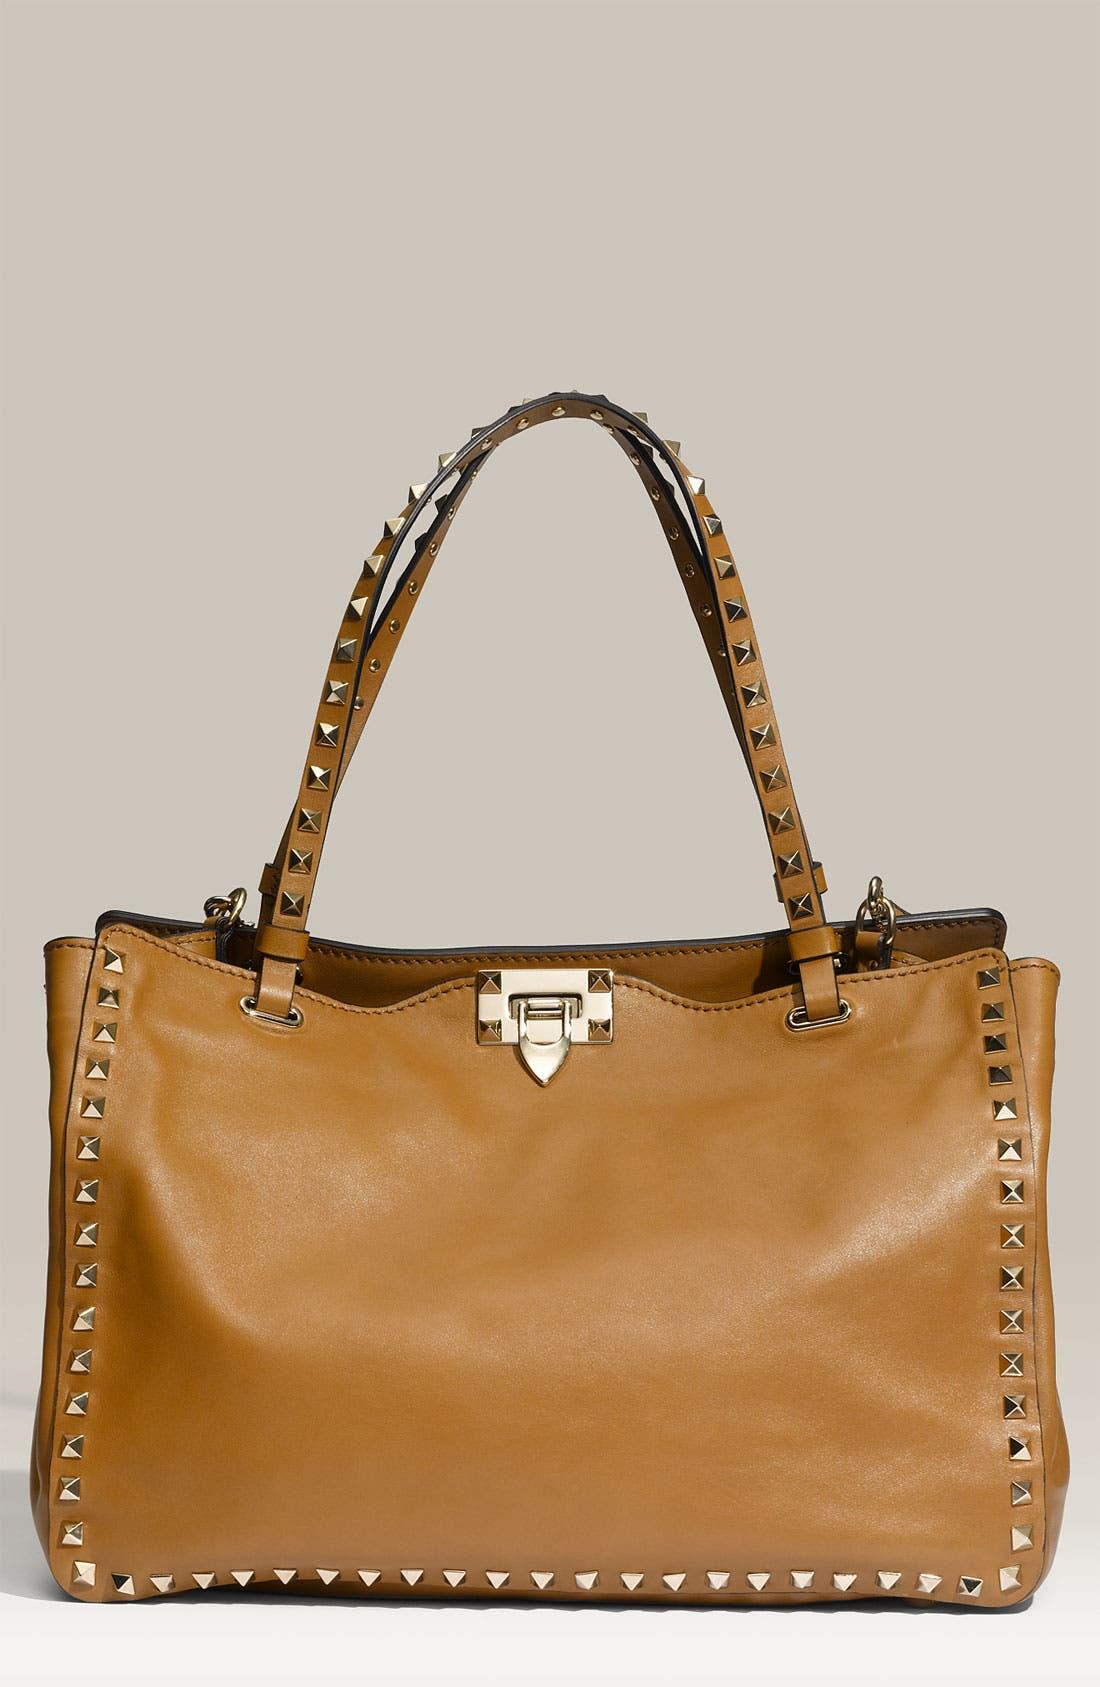 Alternate Image 1 Selected - Valentino 'Rockstud - Medium' Leather Tote